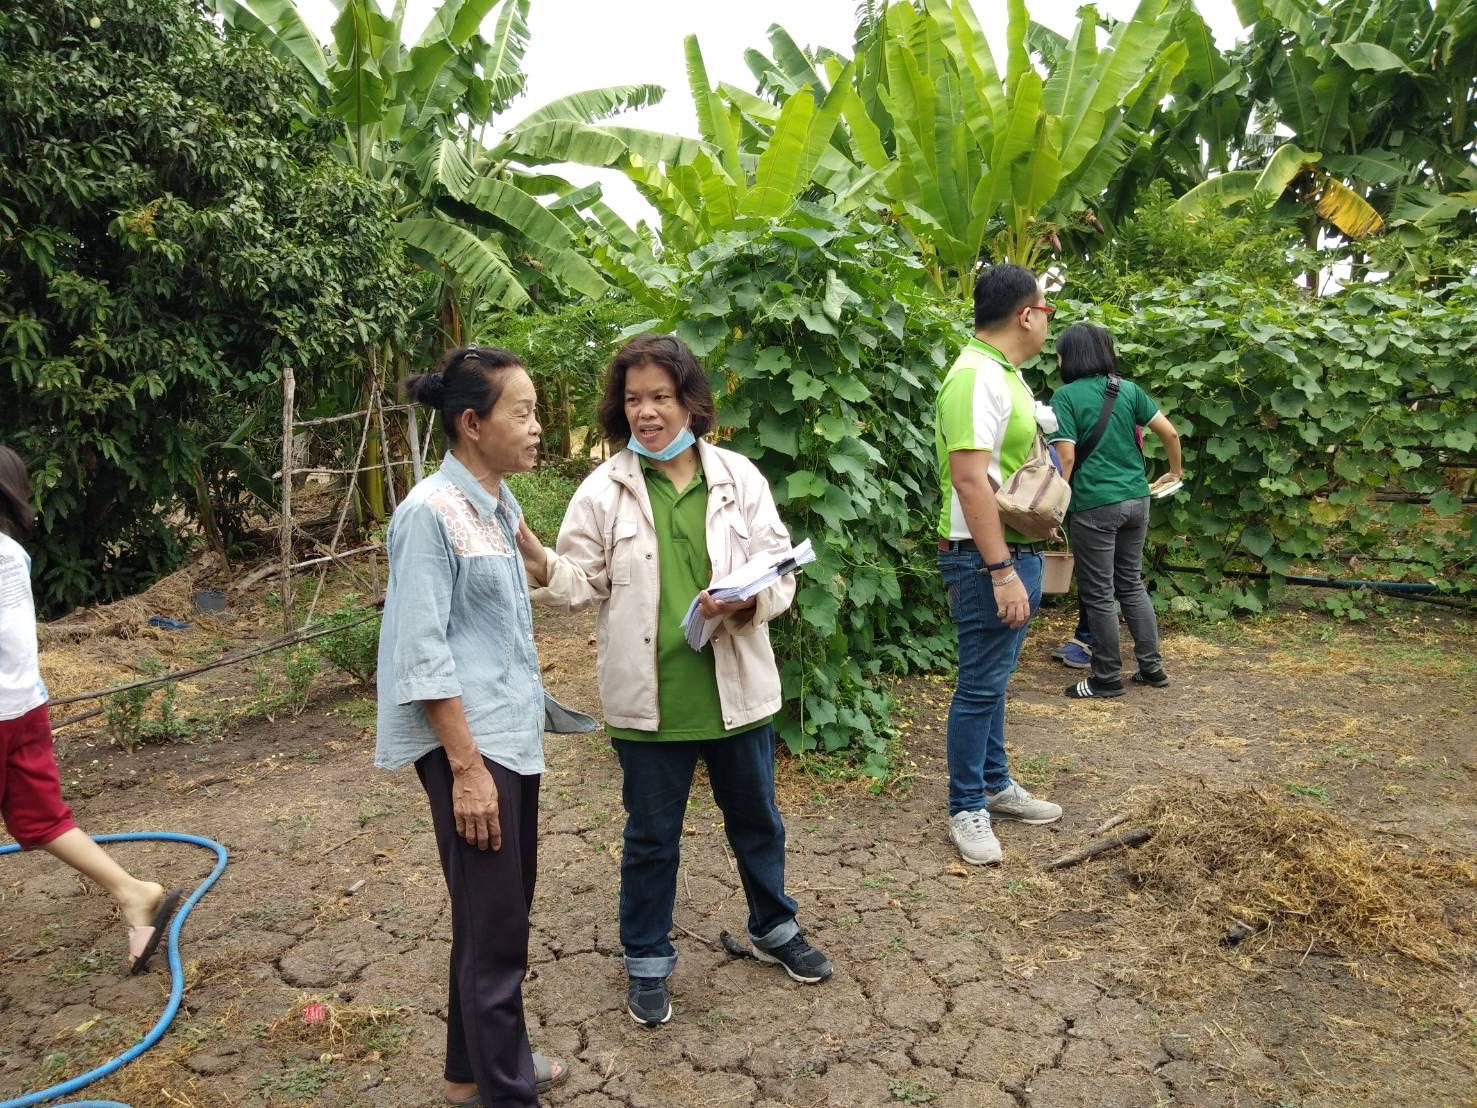 เข้าตรวจรับรองแหล่งผลิตพืชอินทรีย์ ให้กับเกษตรกรในพื้นที่